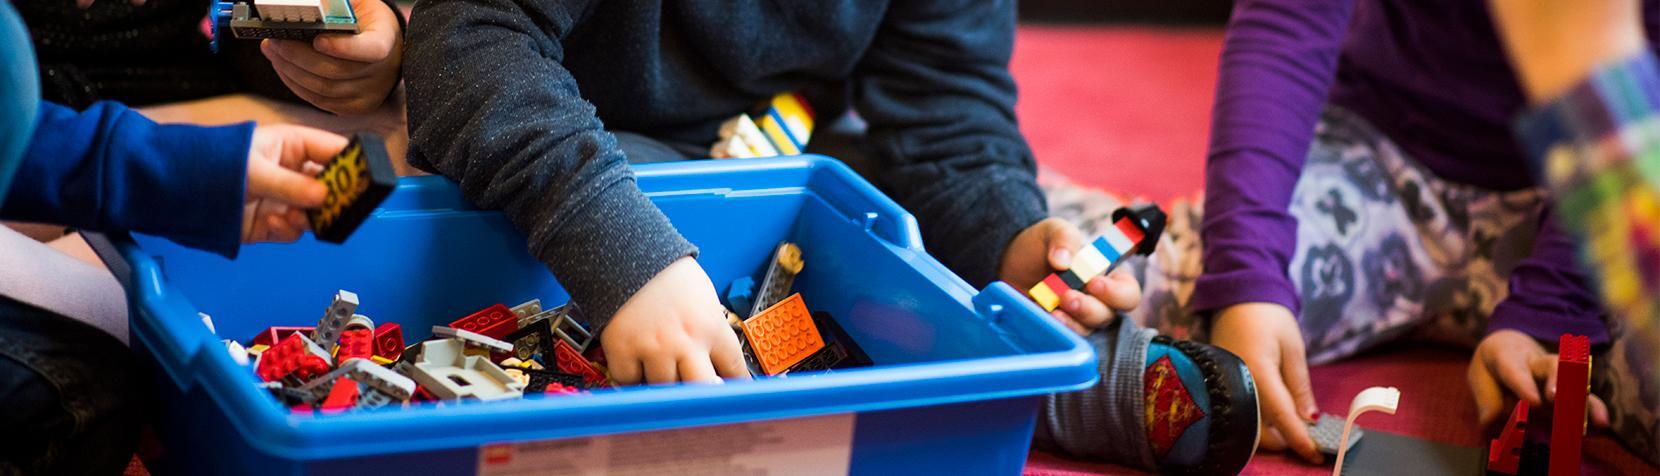 Barn leger med lego